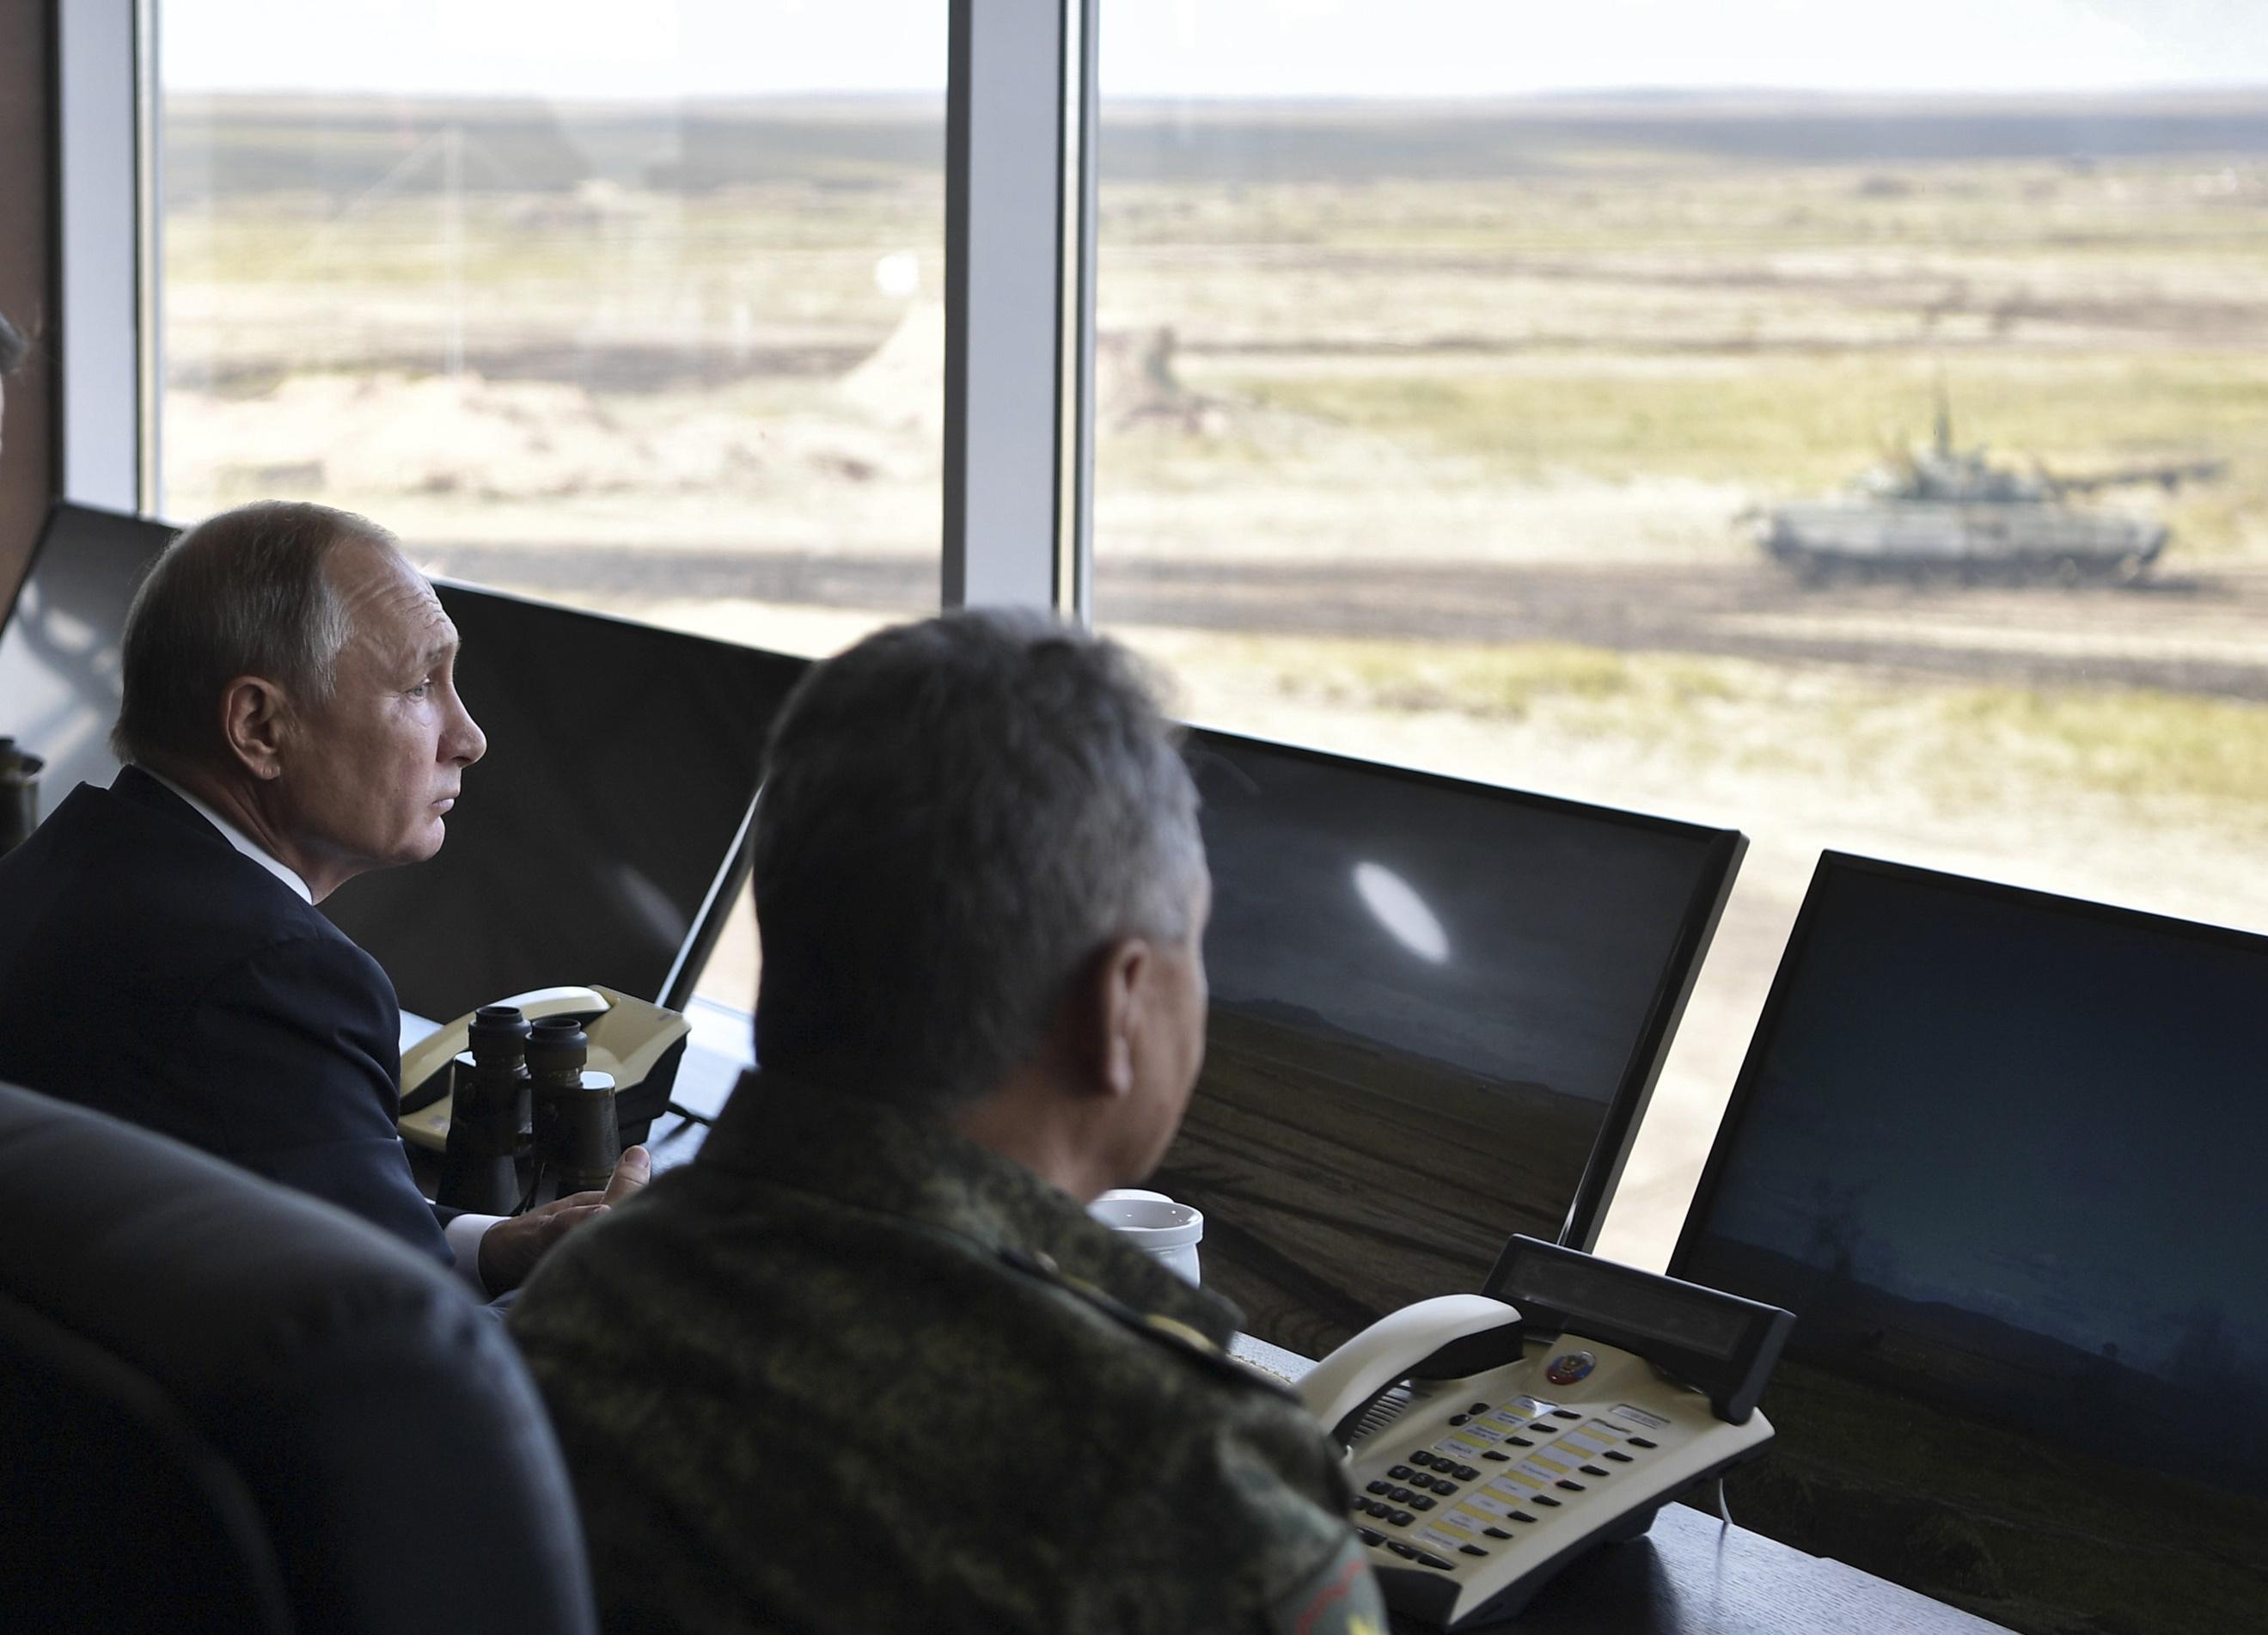 الرئيس الروسى فلاديمير بوتين يتفقد المناورات العسكرية